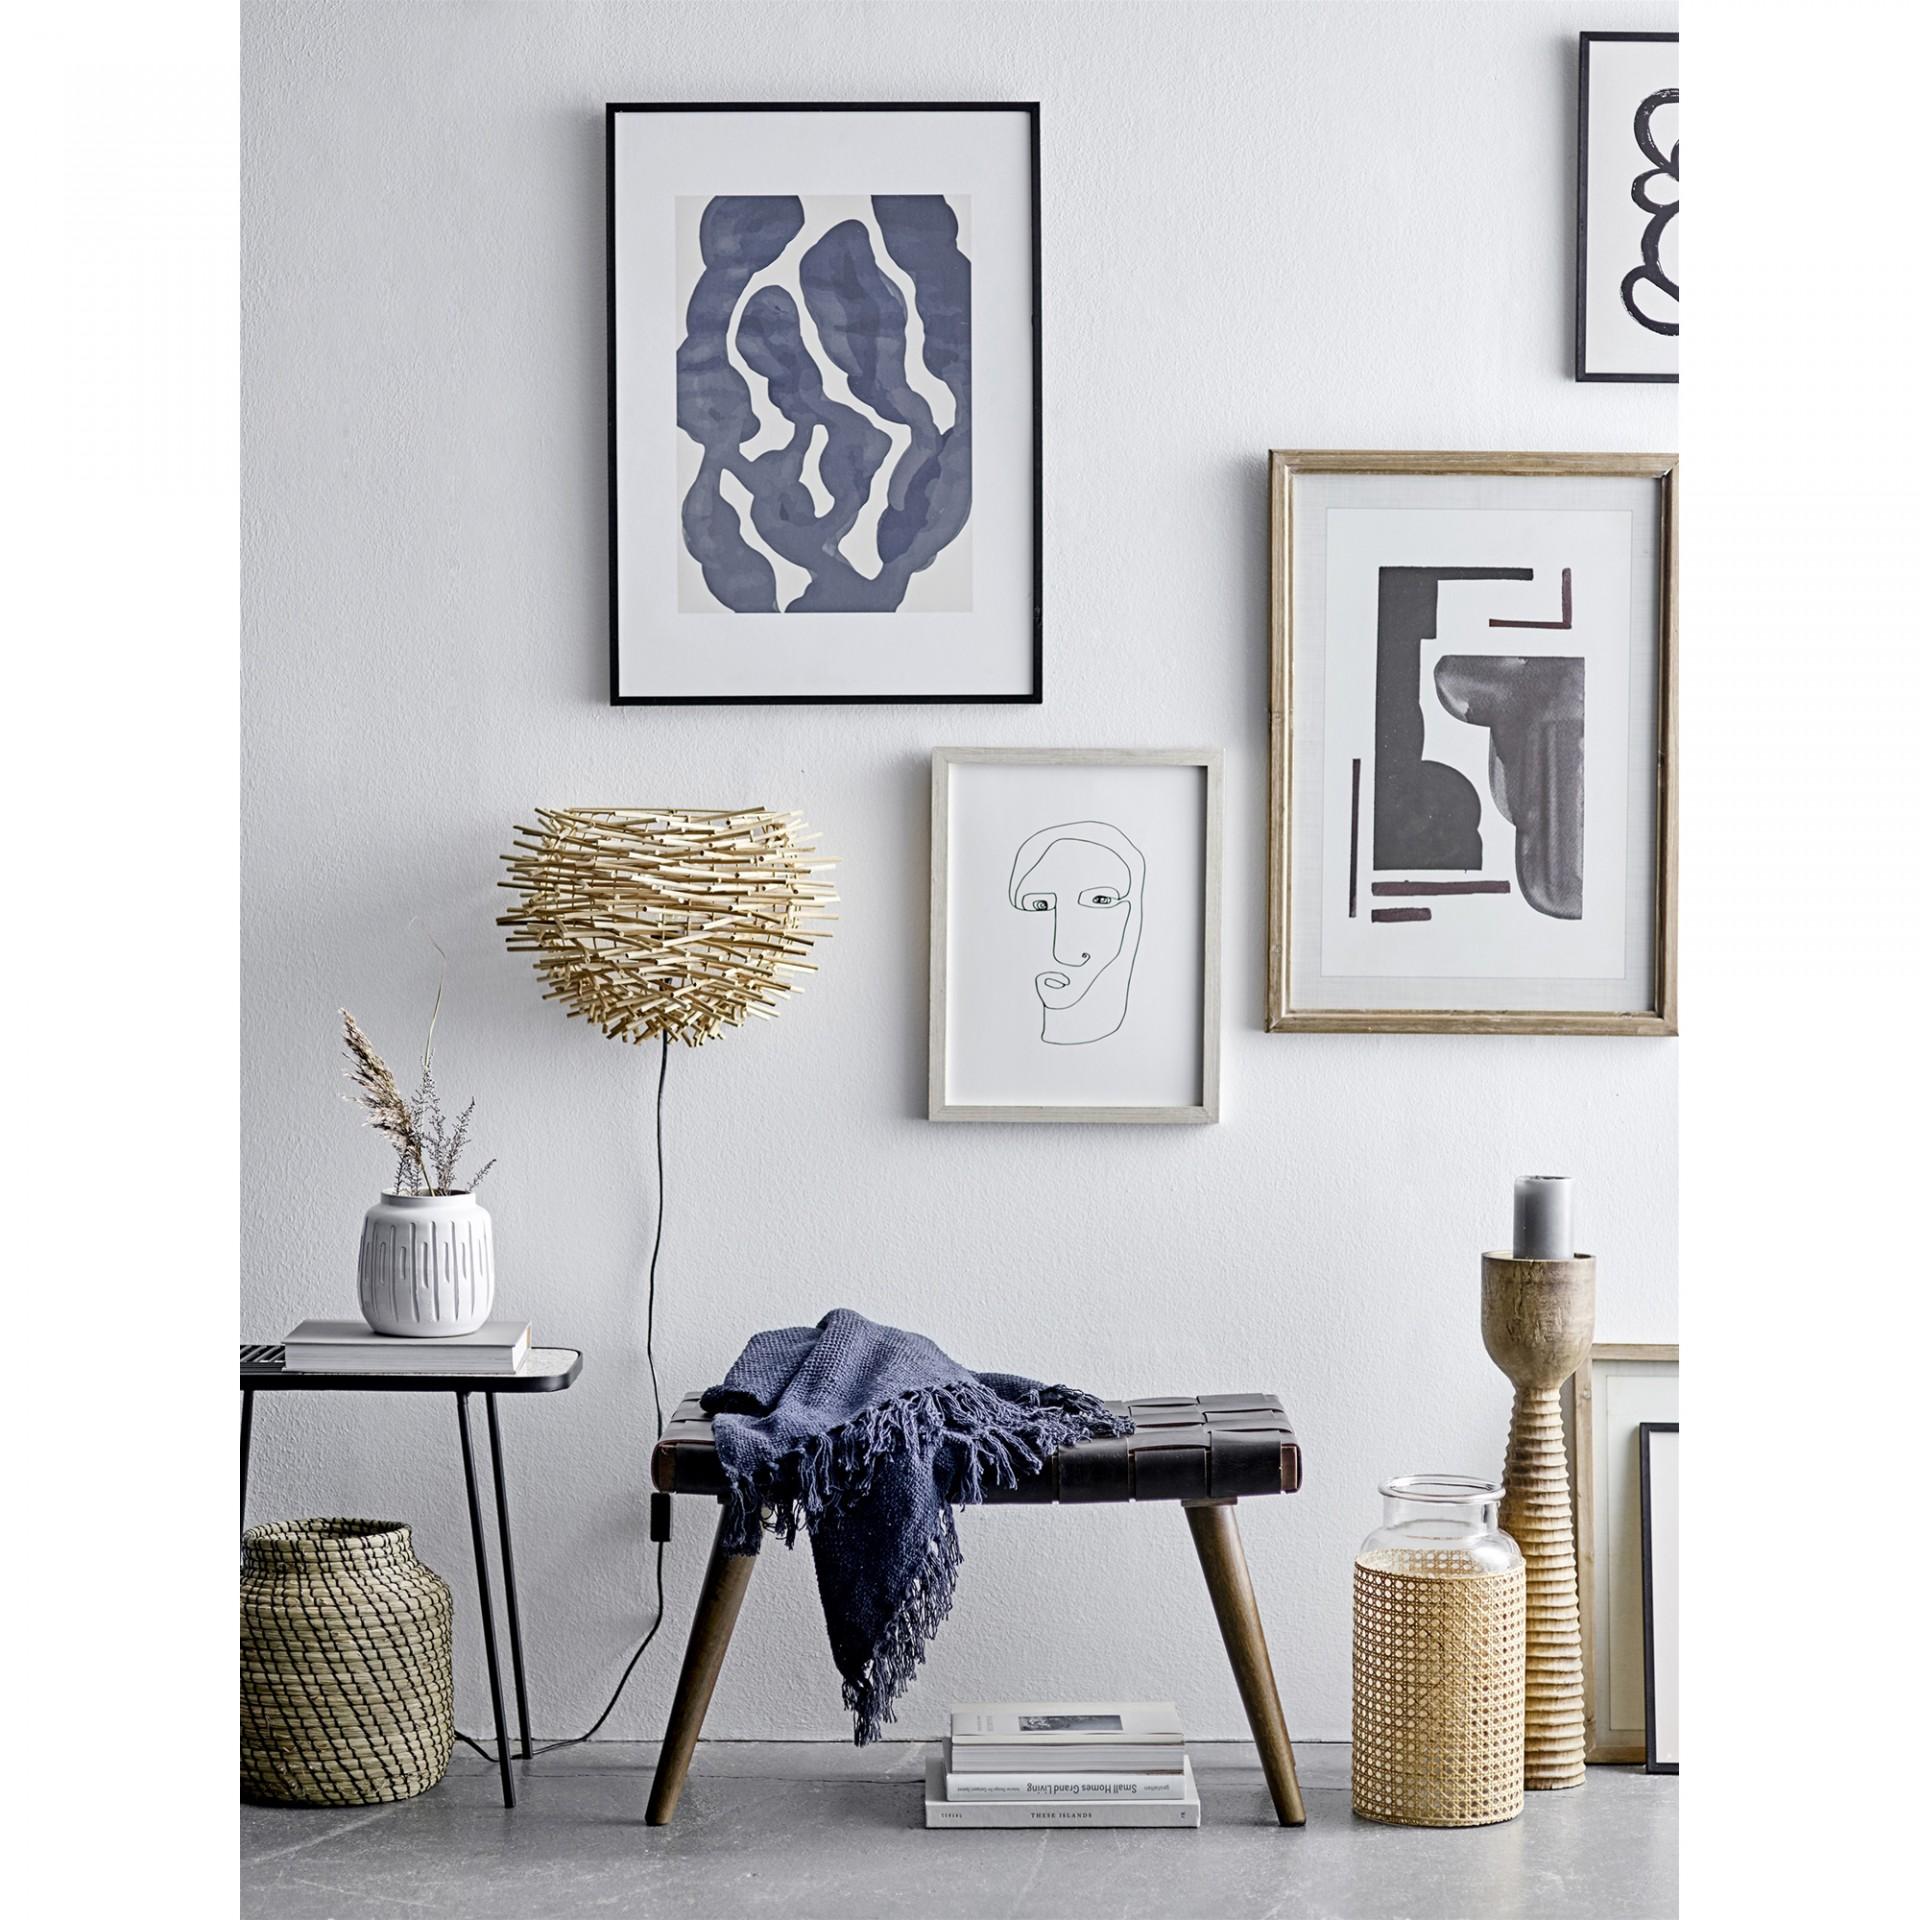 Candeeiro de parede, rattan natural, 38x28 cm